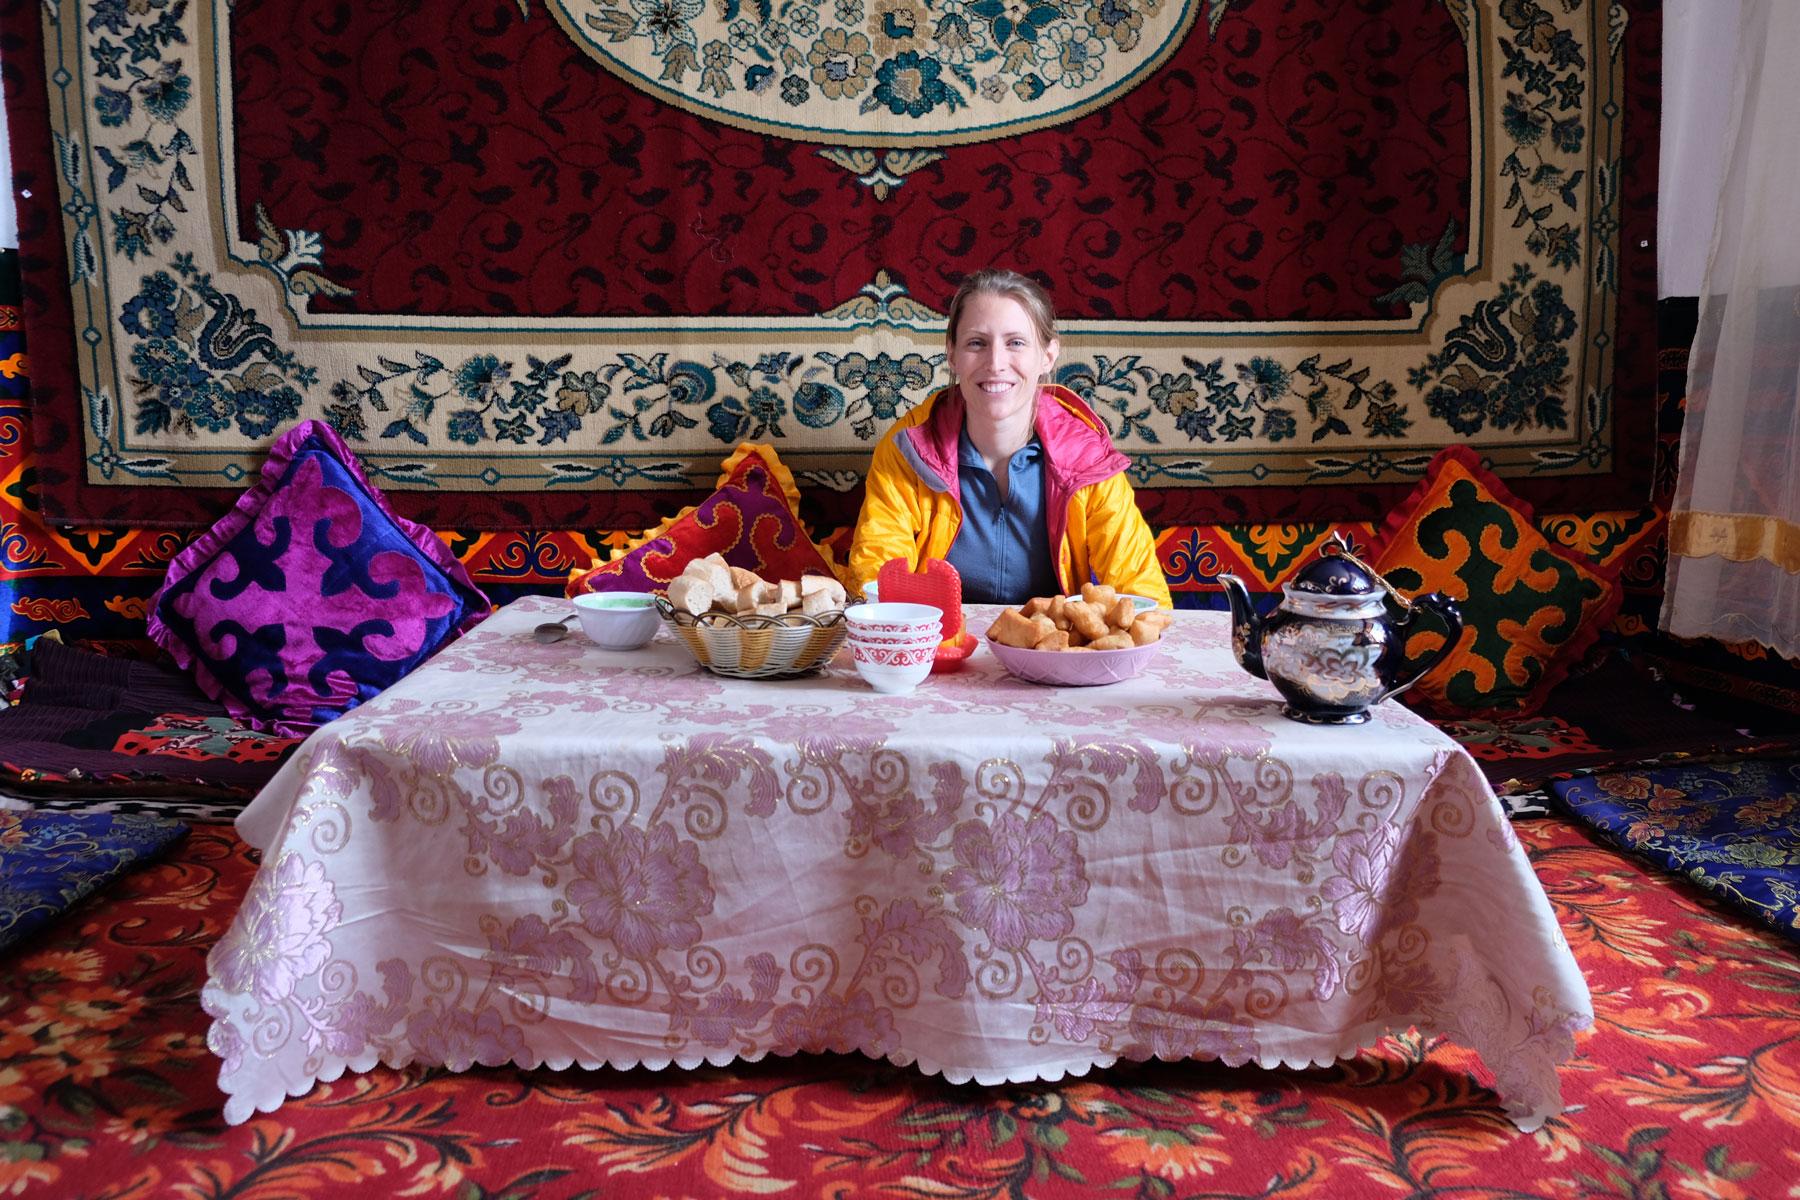 Leo sitzt in einem dekorierten Wohnzimmer an einem Tisch auf dem Gebäck steht